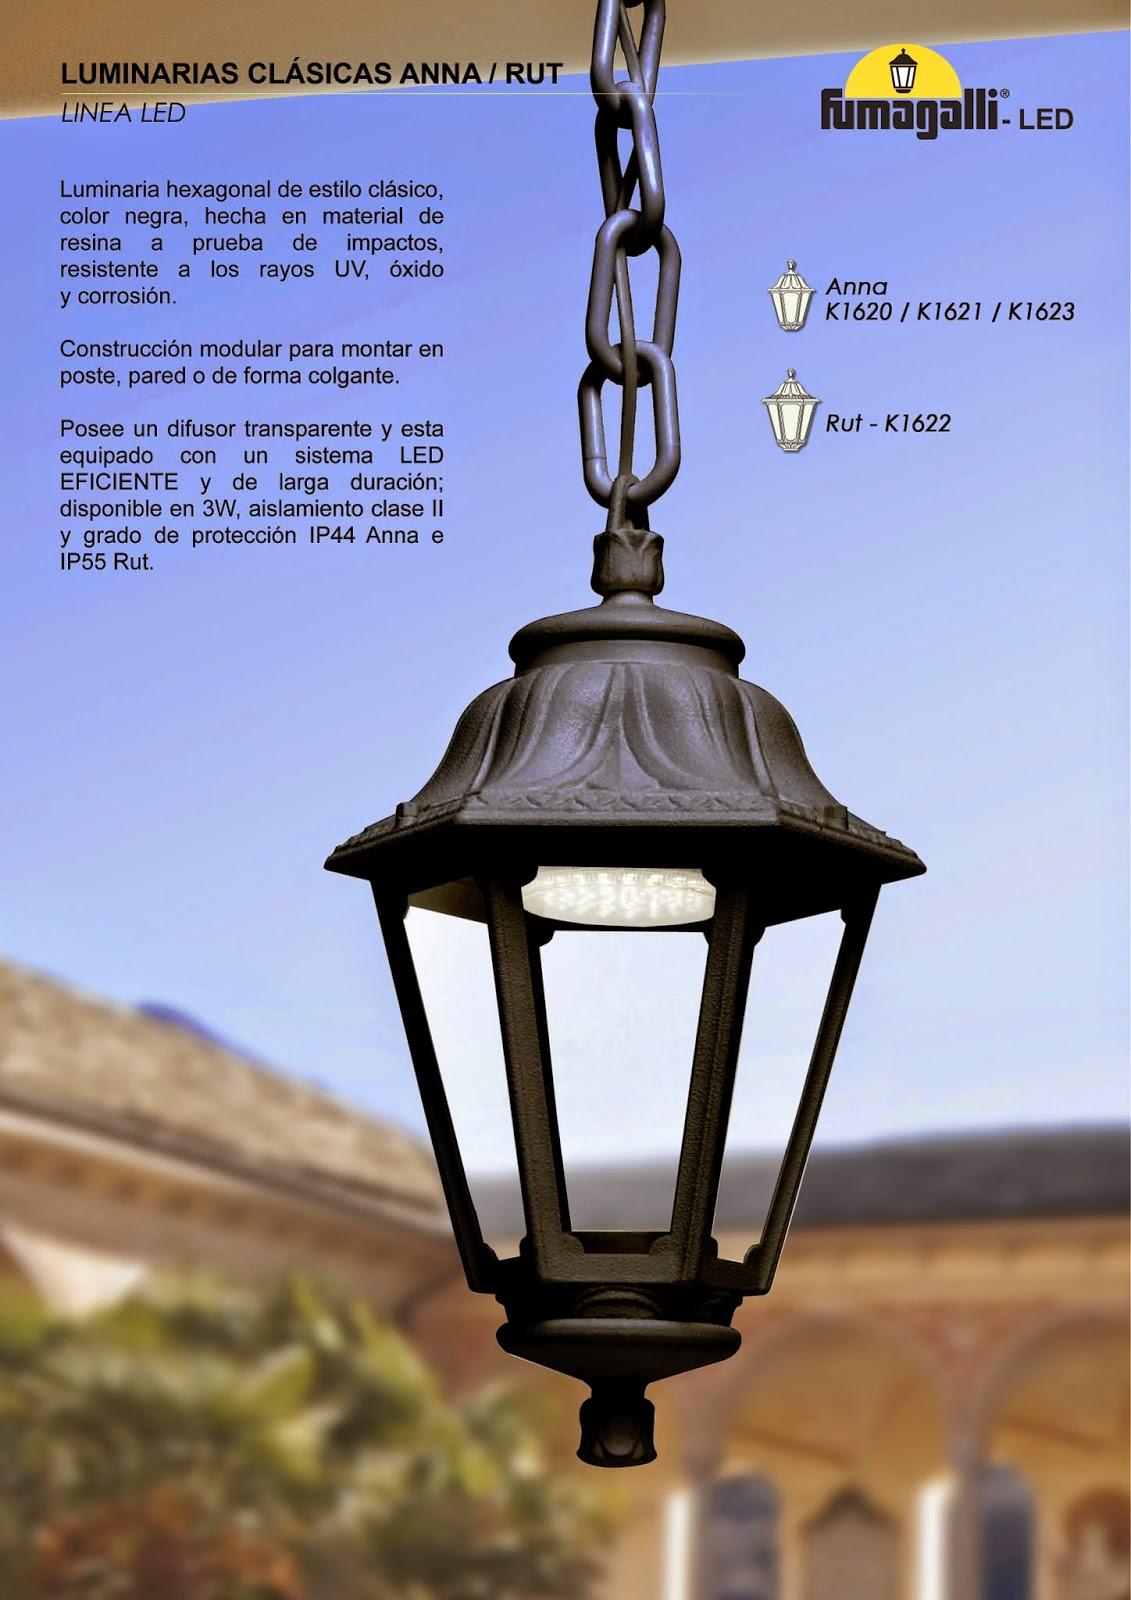 Luminaria led para alumbrado exterior electroazuay cia for Luminarias de exterior